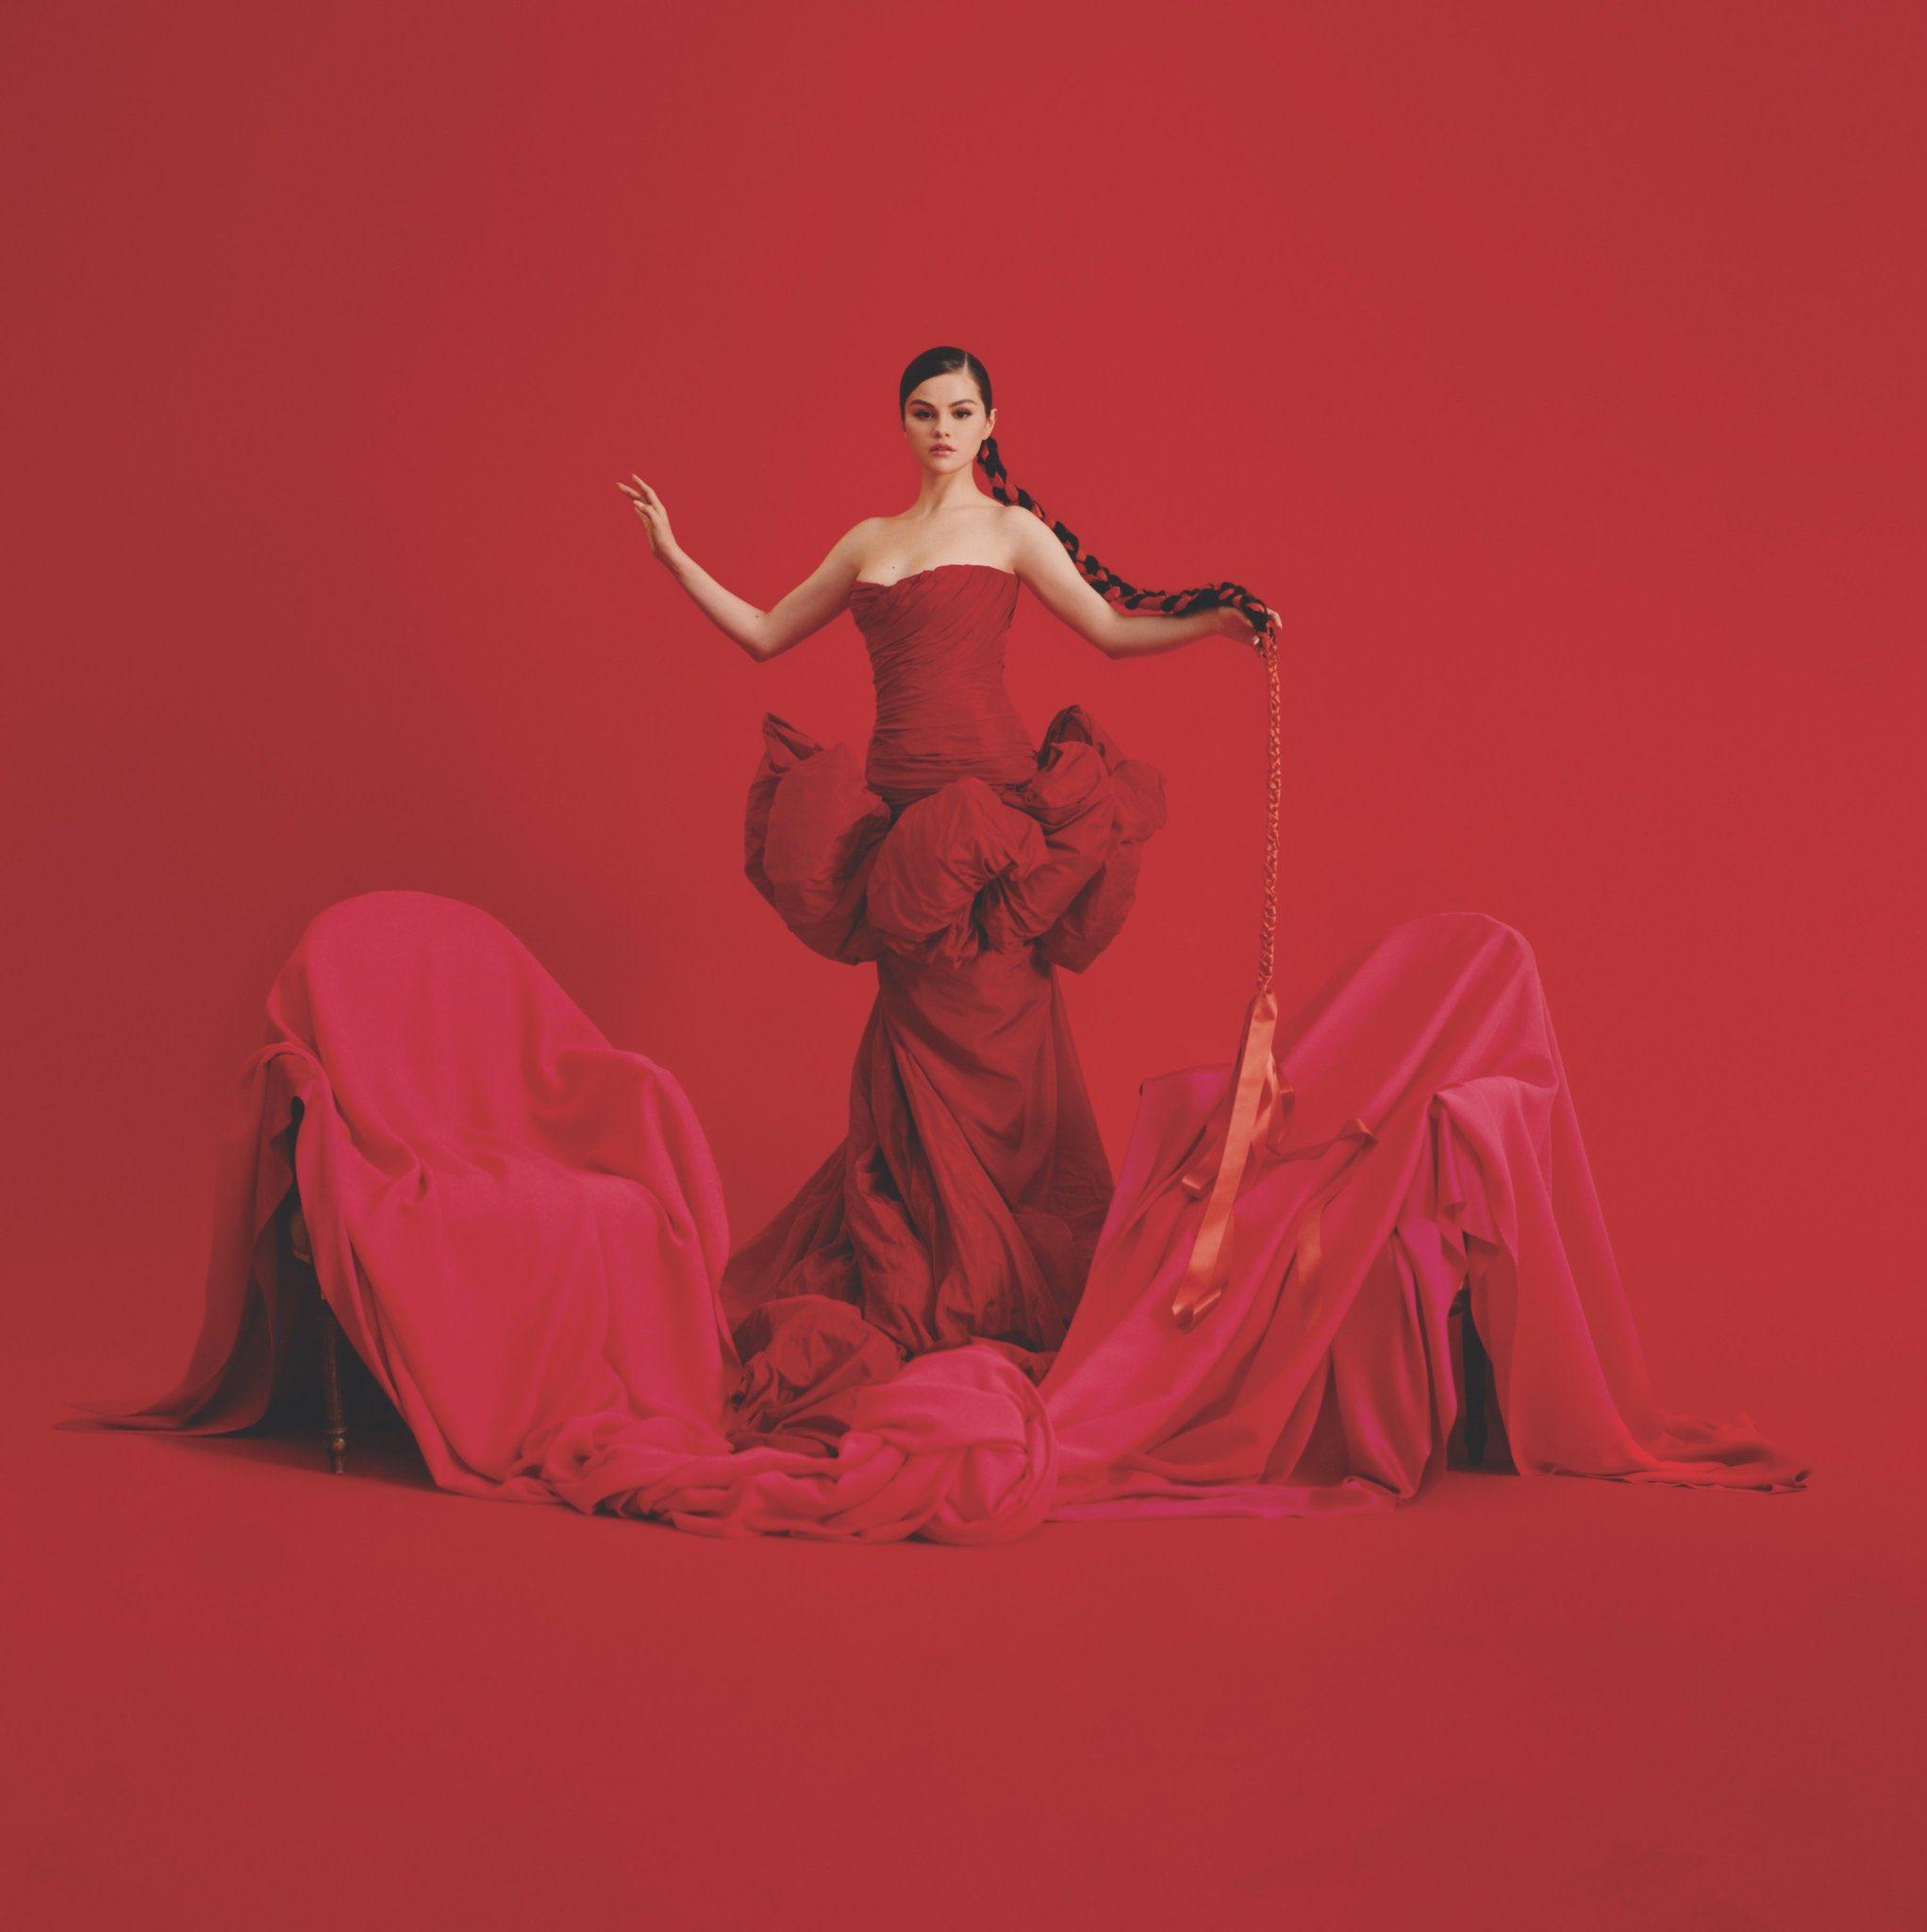 Selena Gomez REVELACION Cover - DJ Snake & Selena Gomez — Selfish Love